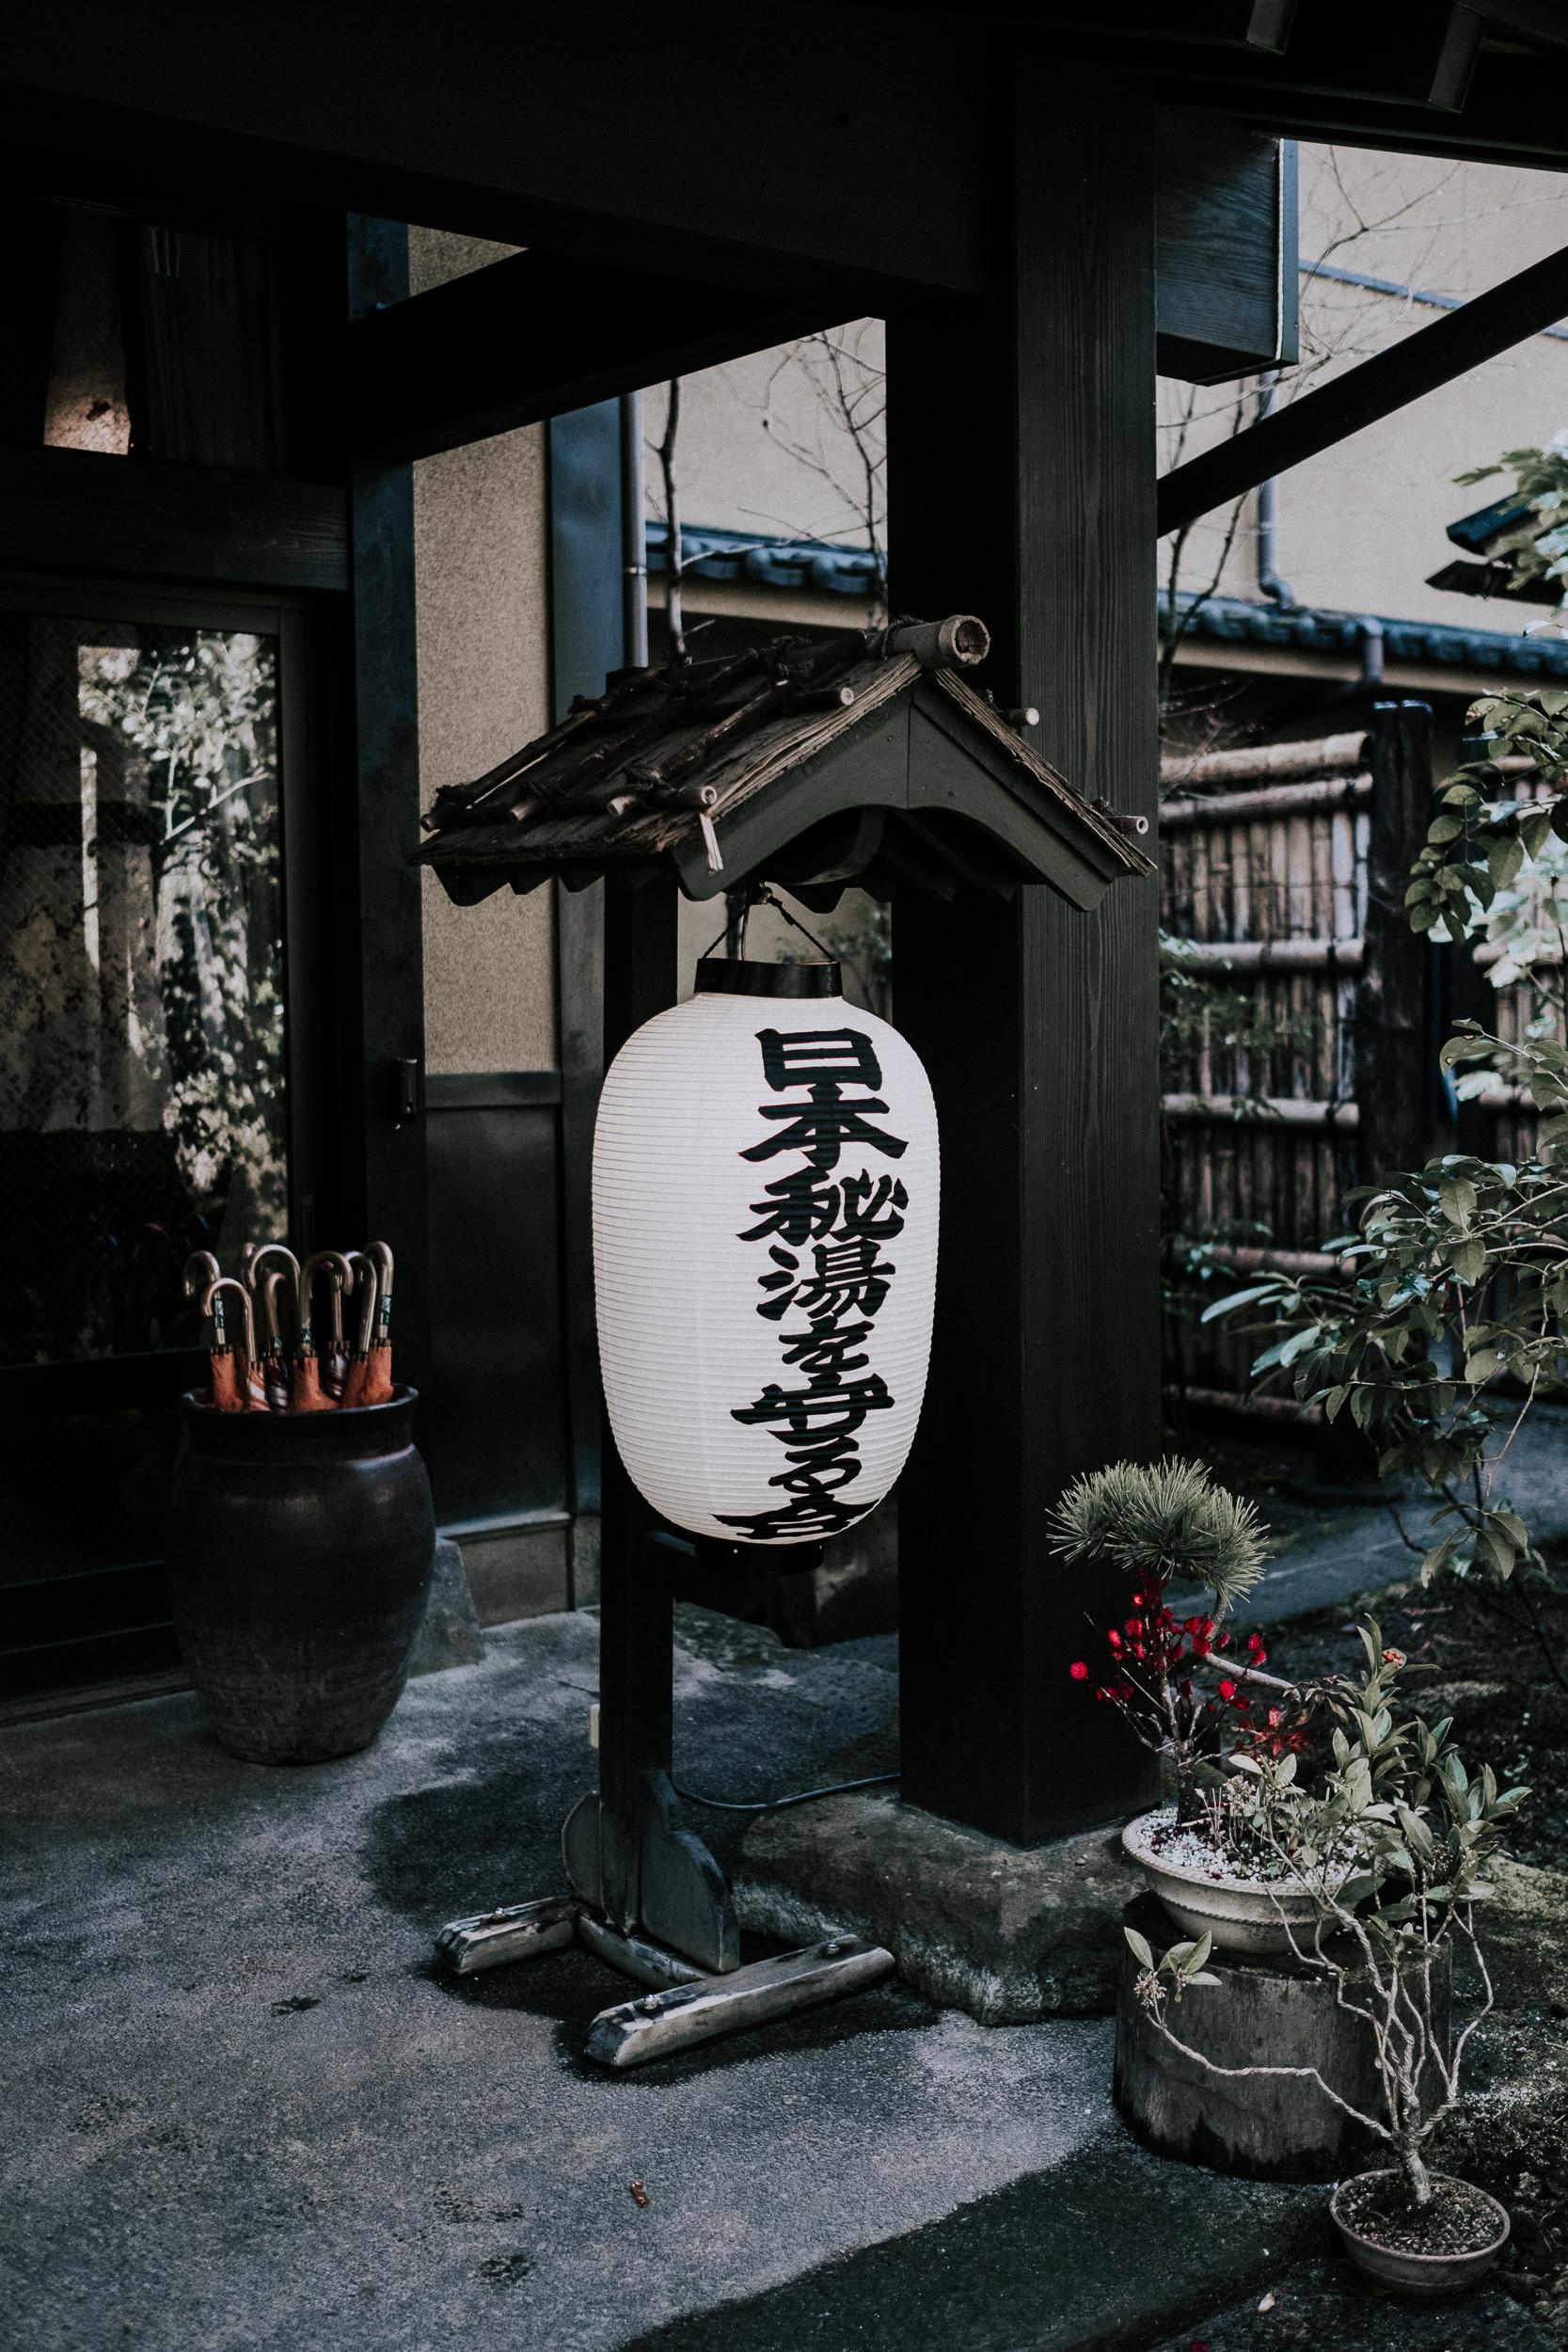 The entry way to Ryokan Sanga.